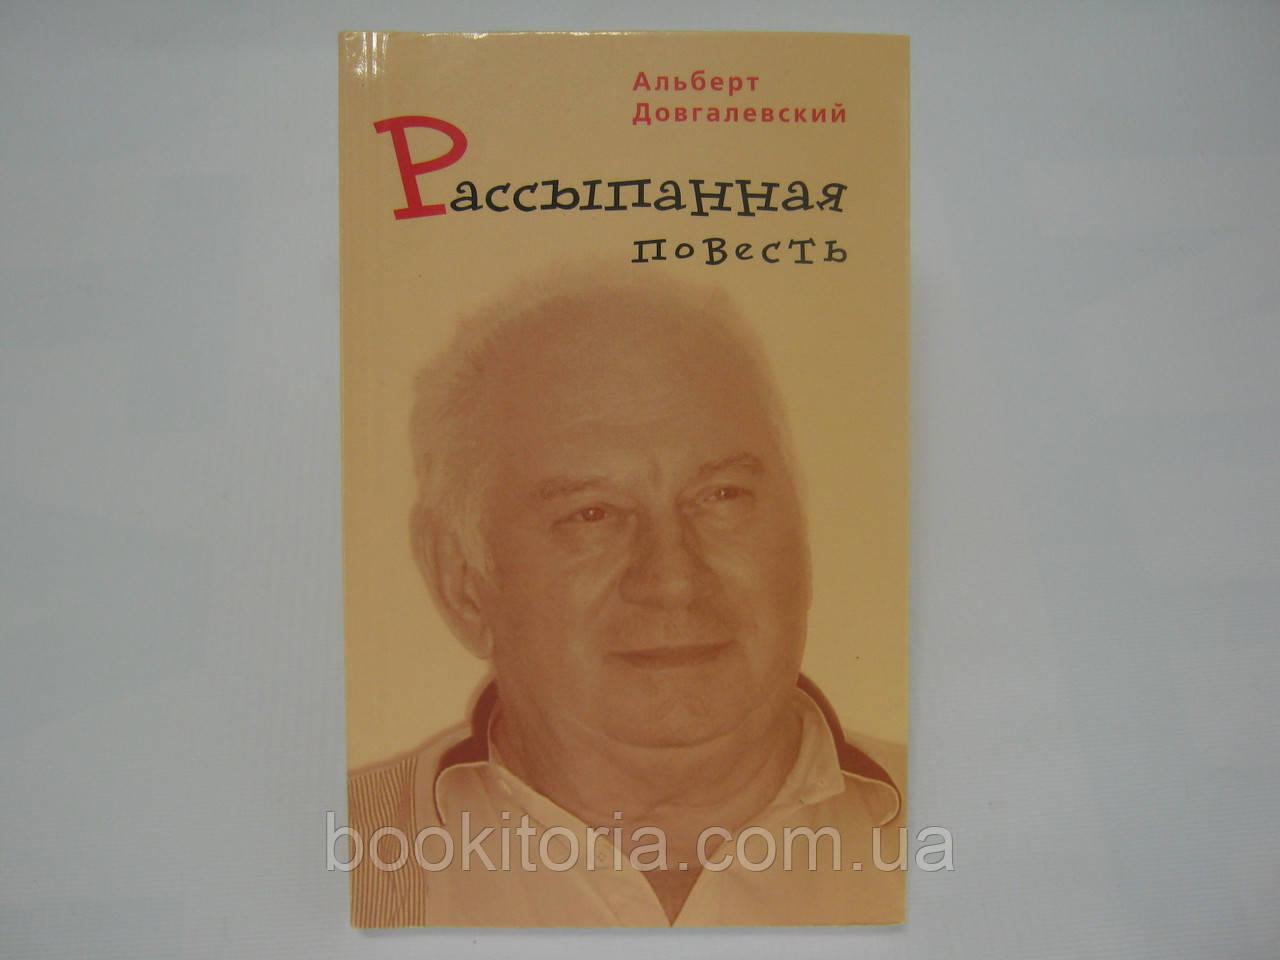 Довгалевский А. Рассыпанная повесть (б/у).